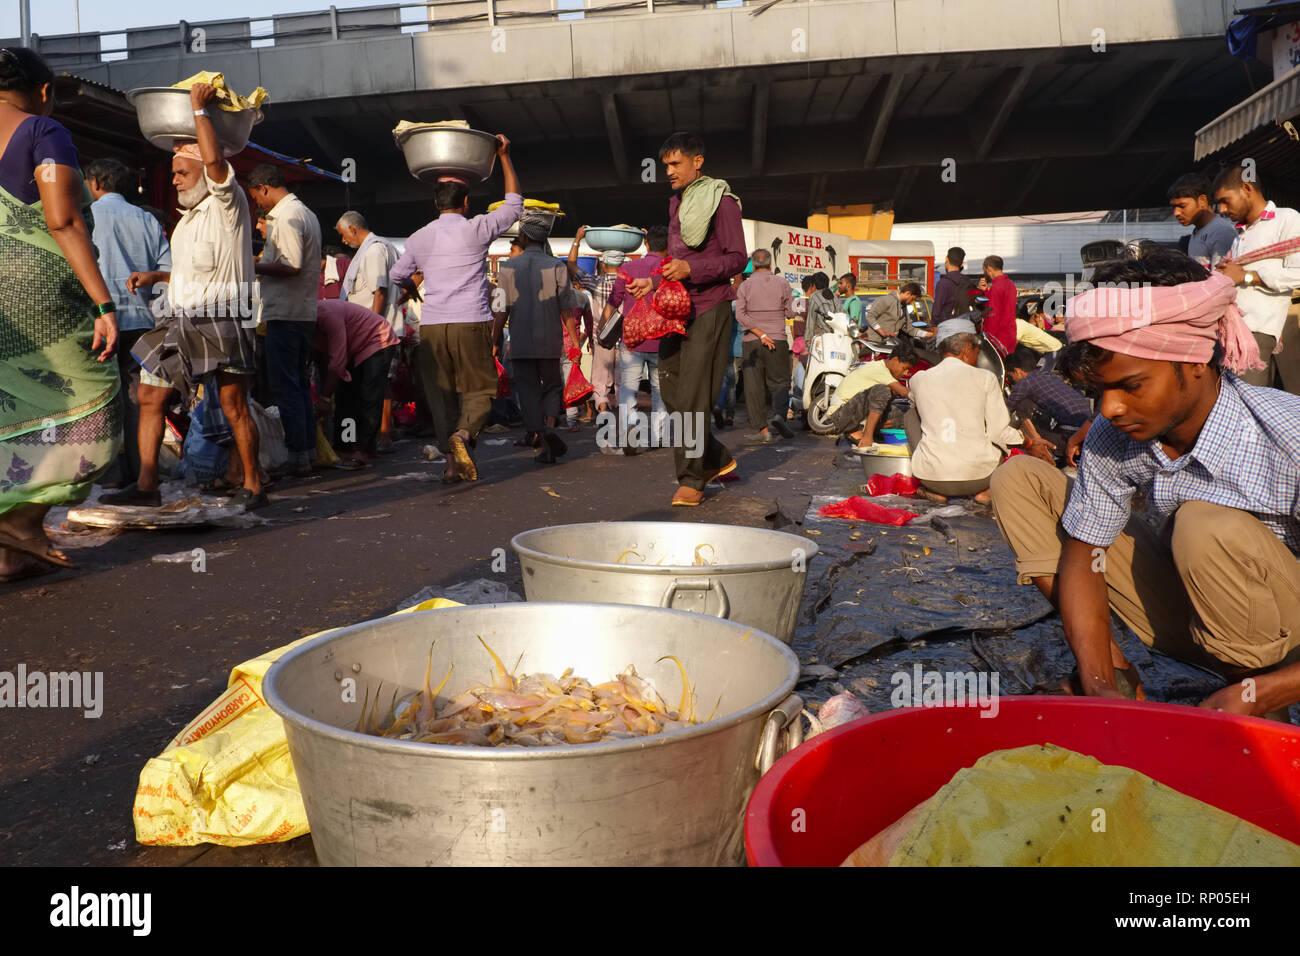 Porters and market activity in a fish market near Crawford Market or Mahatma Jyotirao Phule Market, in Mumbai, India - Stock Image